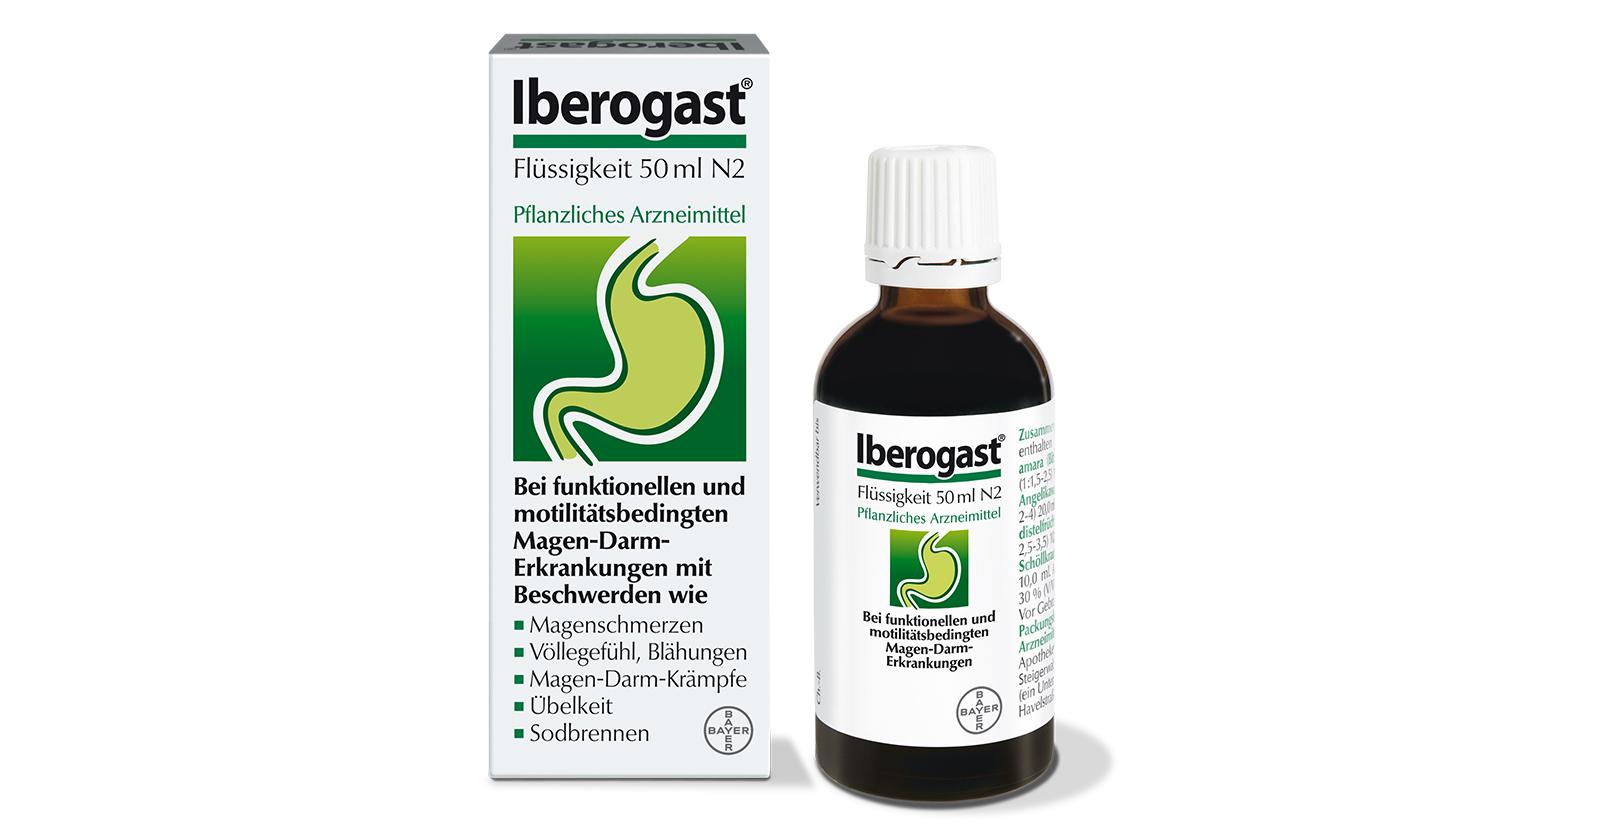 Iberogast Packshot